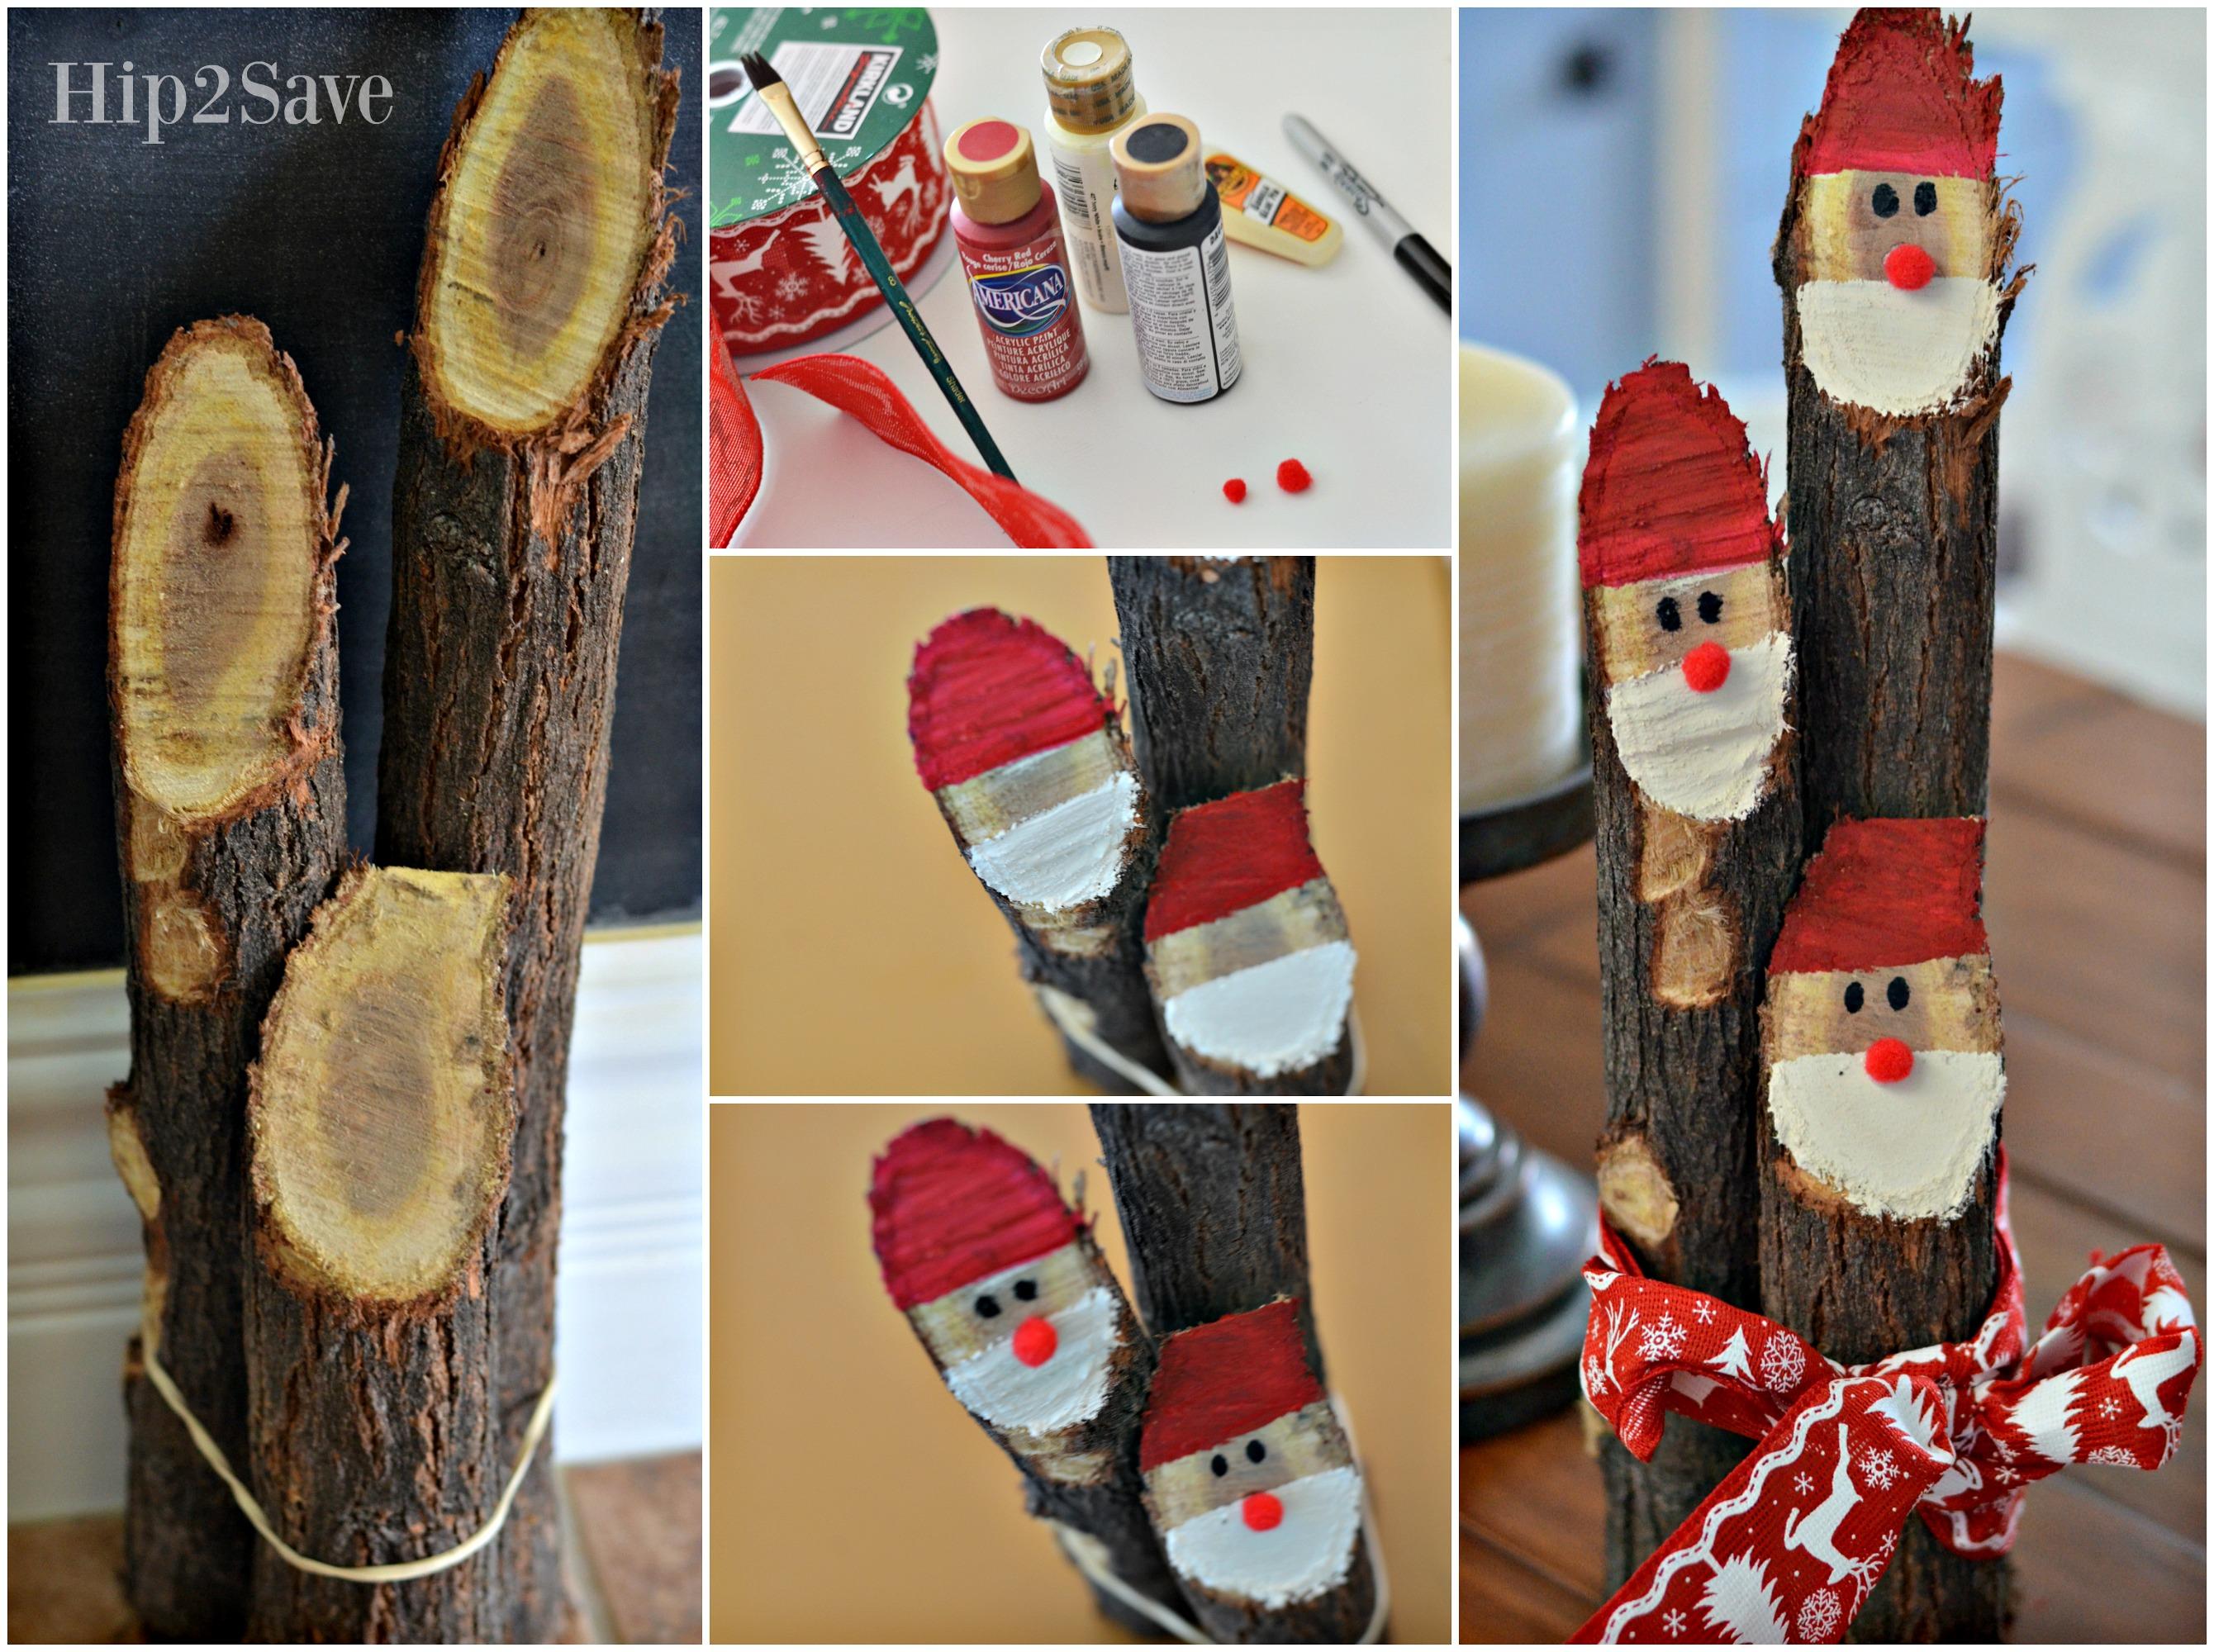 How to make a Log Santa Centerpiece Hip2Save